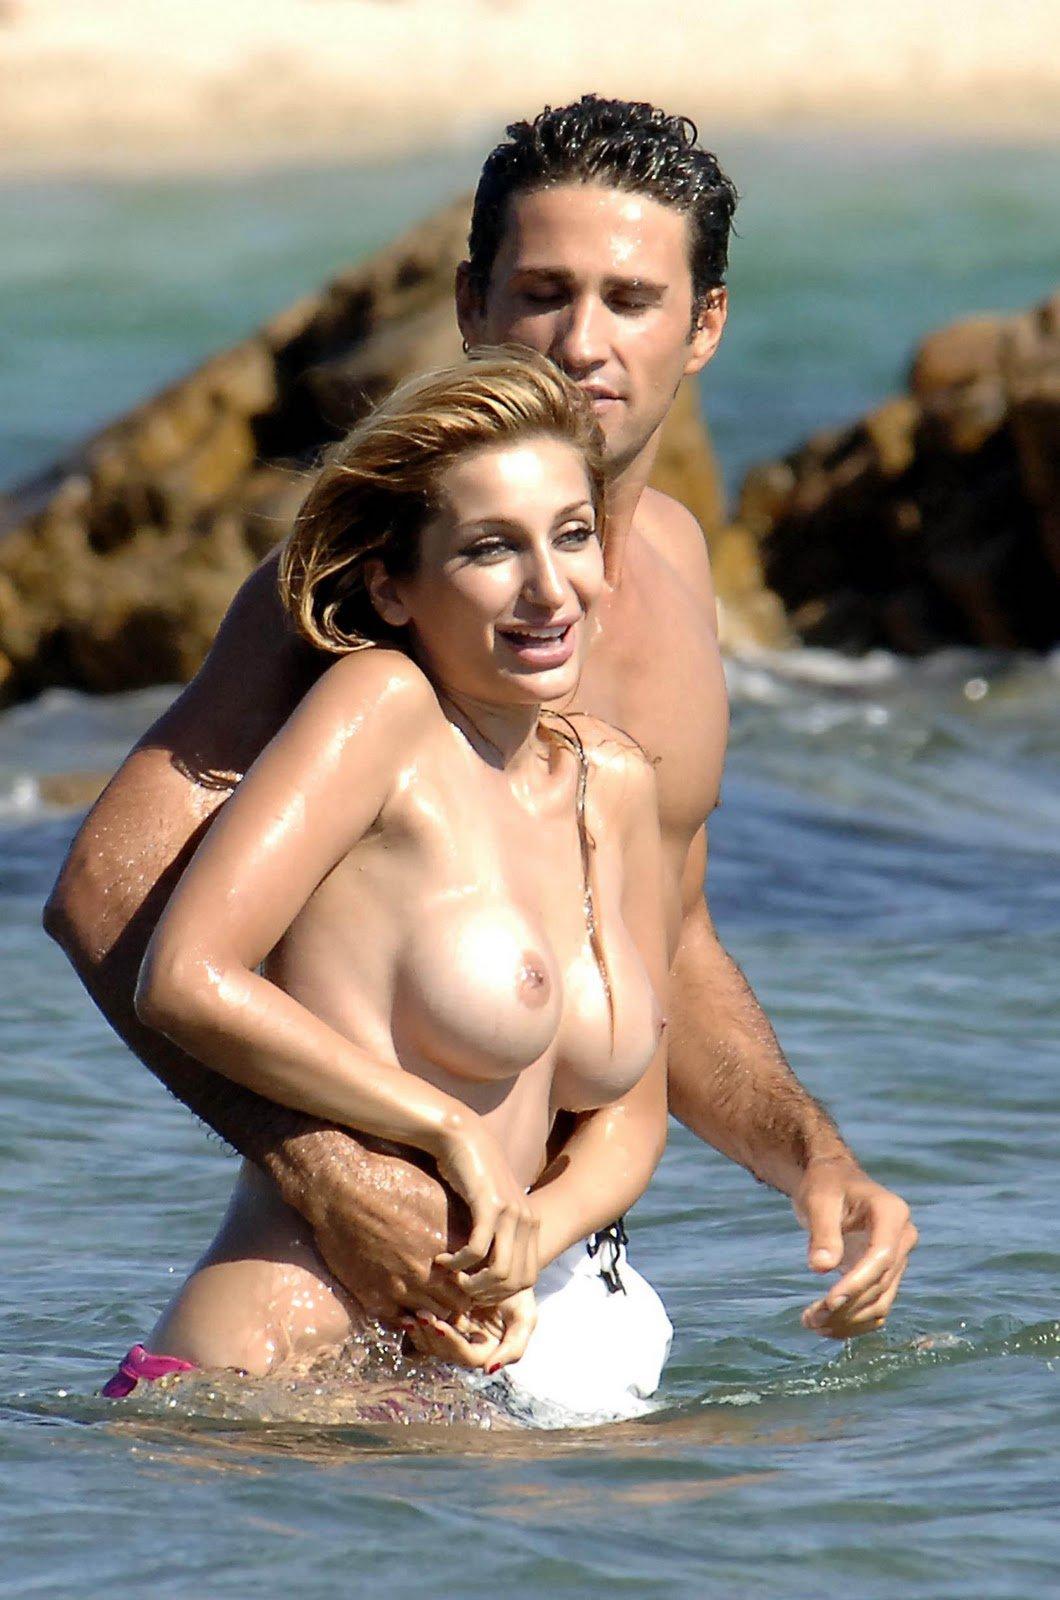 Nude Jemima Khan Nude Pics HD